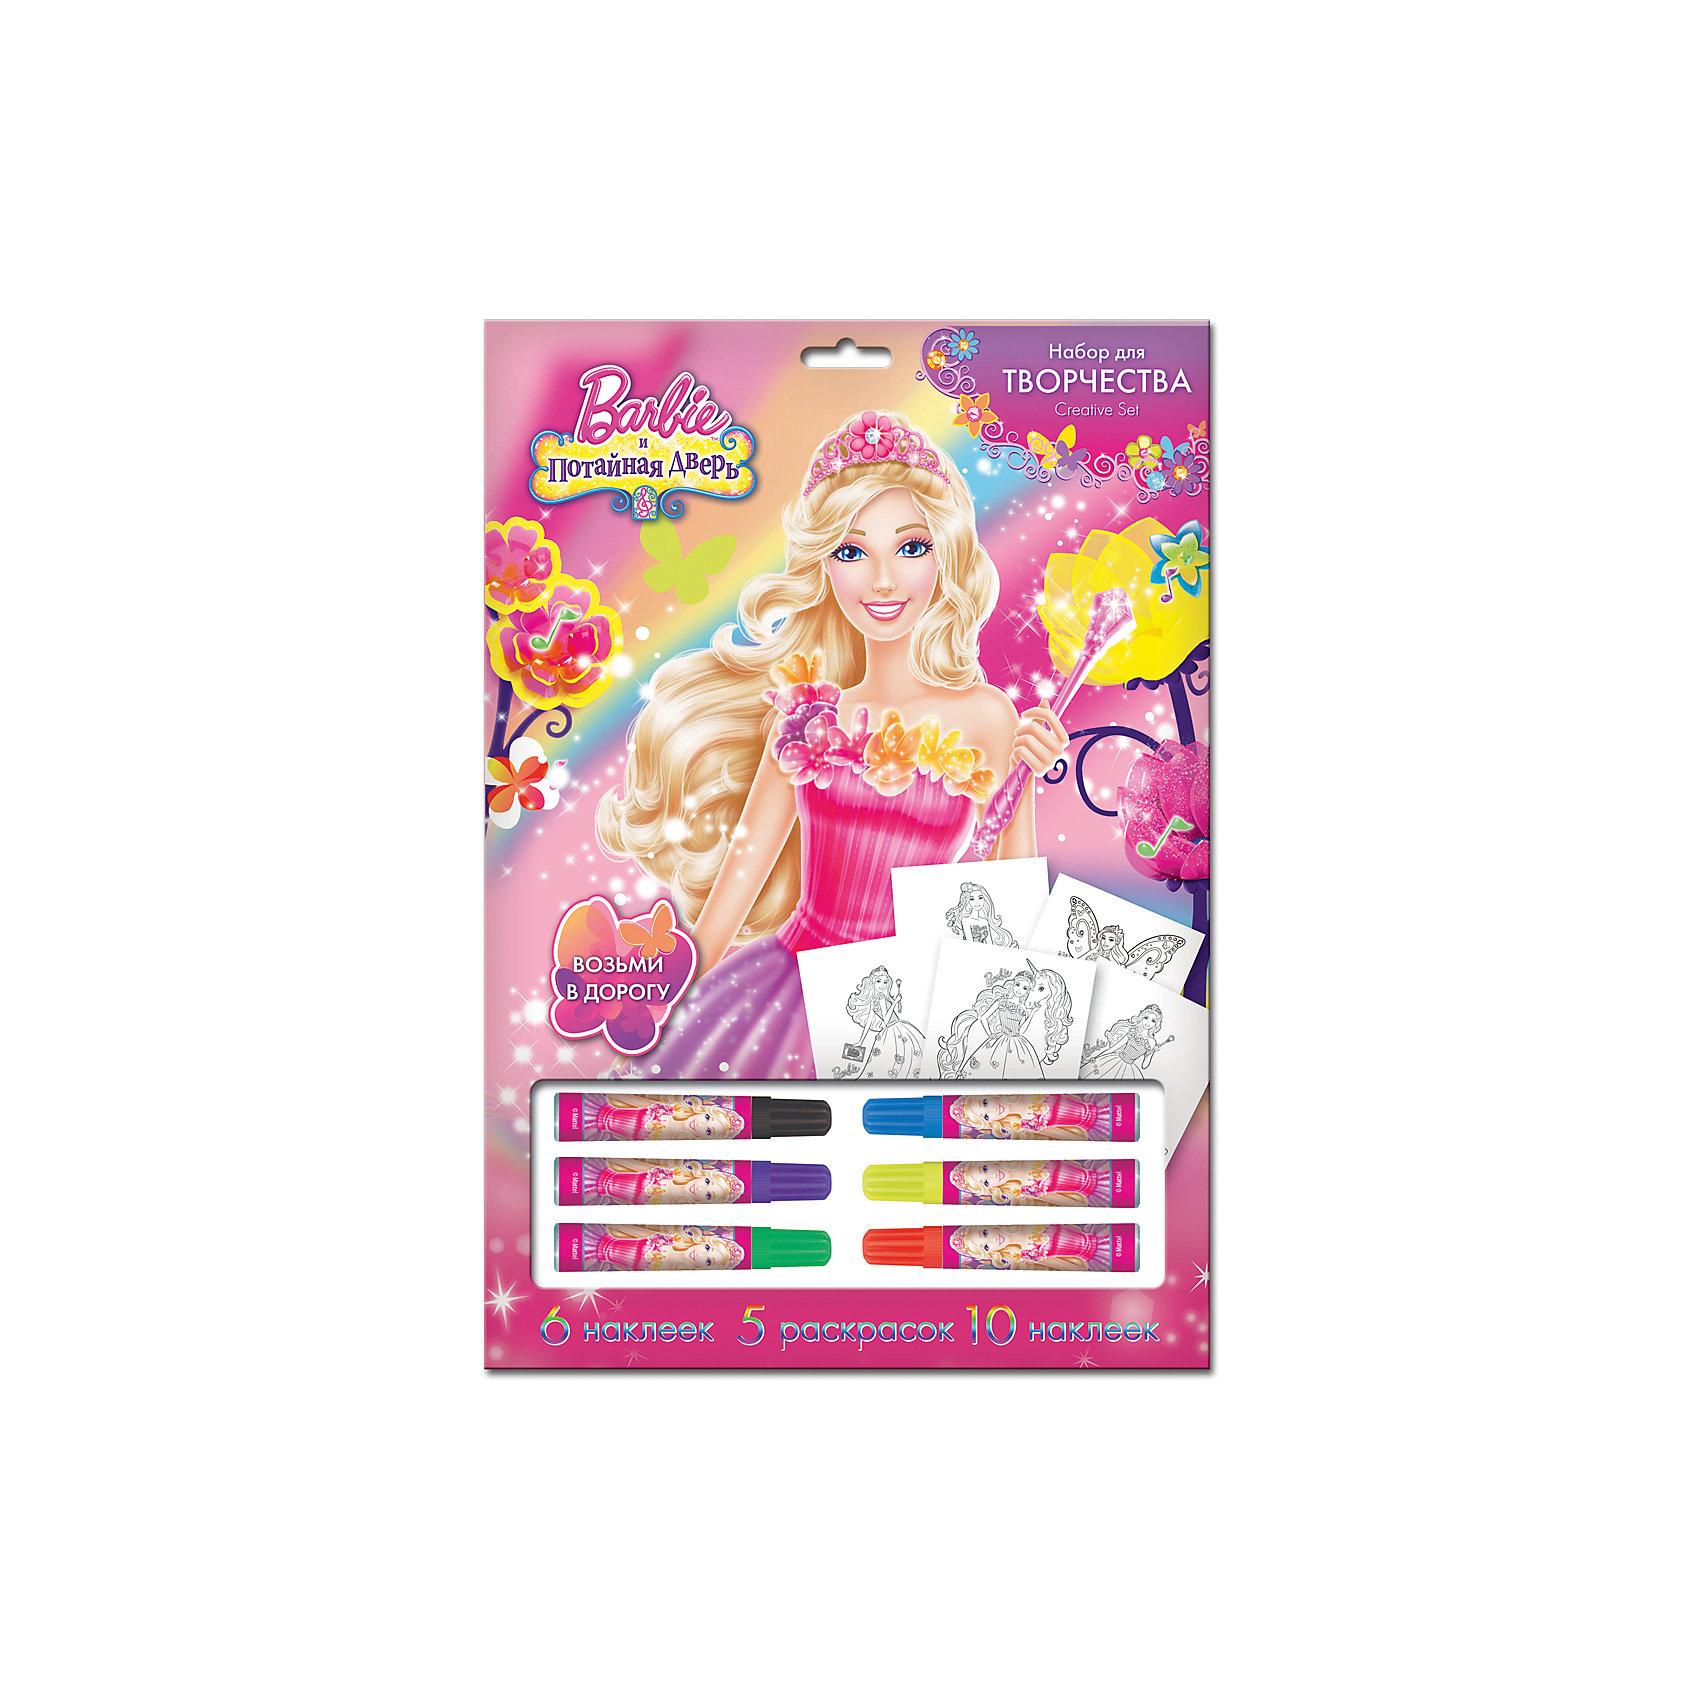 Набор для рисования BarbieРисование<br>Набор для рисования Barbie, Limpopo (Лимпопо)<br><br>Характеристики:<br><br>• раскраски с персонажами Барби<br>• яркие цвета<br>• в комплекте: 5 раскрасок, фломастеры (6 шт.), 10 наклеек<br>• размер упаковки: 24х33х23 см<br>• вес: 120 грамм<br><br>Набор для рисования Barbie порадует юную художницу. В него входят фломастеры, несколько раскрасок с изображением любимых героев и наклейки. Девочка сможет оживить картинку яркими цветами и дополнить ее наклейками. С таким набором проявить фантазию очень просто!<br><br>Набор для рисования Barbie, Limpopo (Лимпопо) вы можете купить в нашем интернет-магазине.<br><br>Ширина мм: 230<br>Глубина мм: 330<br>Высота мм: 240<br>Вес г: 120<br>Возраст от месяцев: 48<br>Возраст до месяцев: 144<br>Пол: Женский<br>Возраст: Детский<br>SKU: 5390302